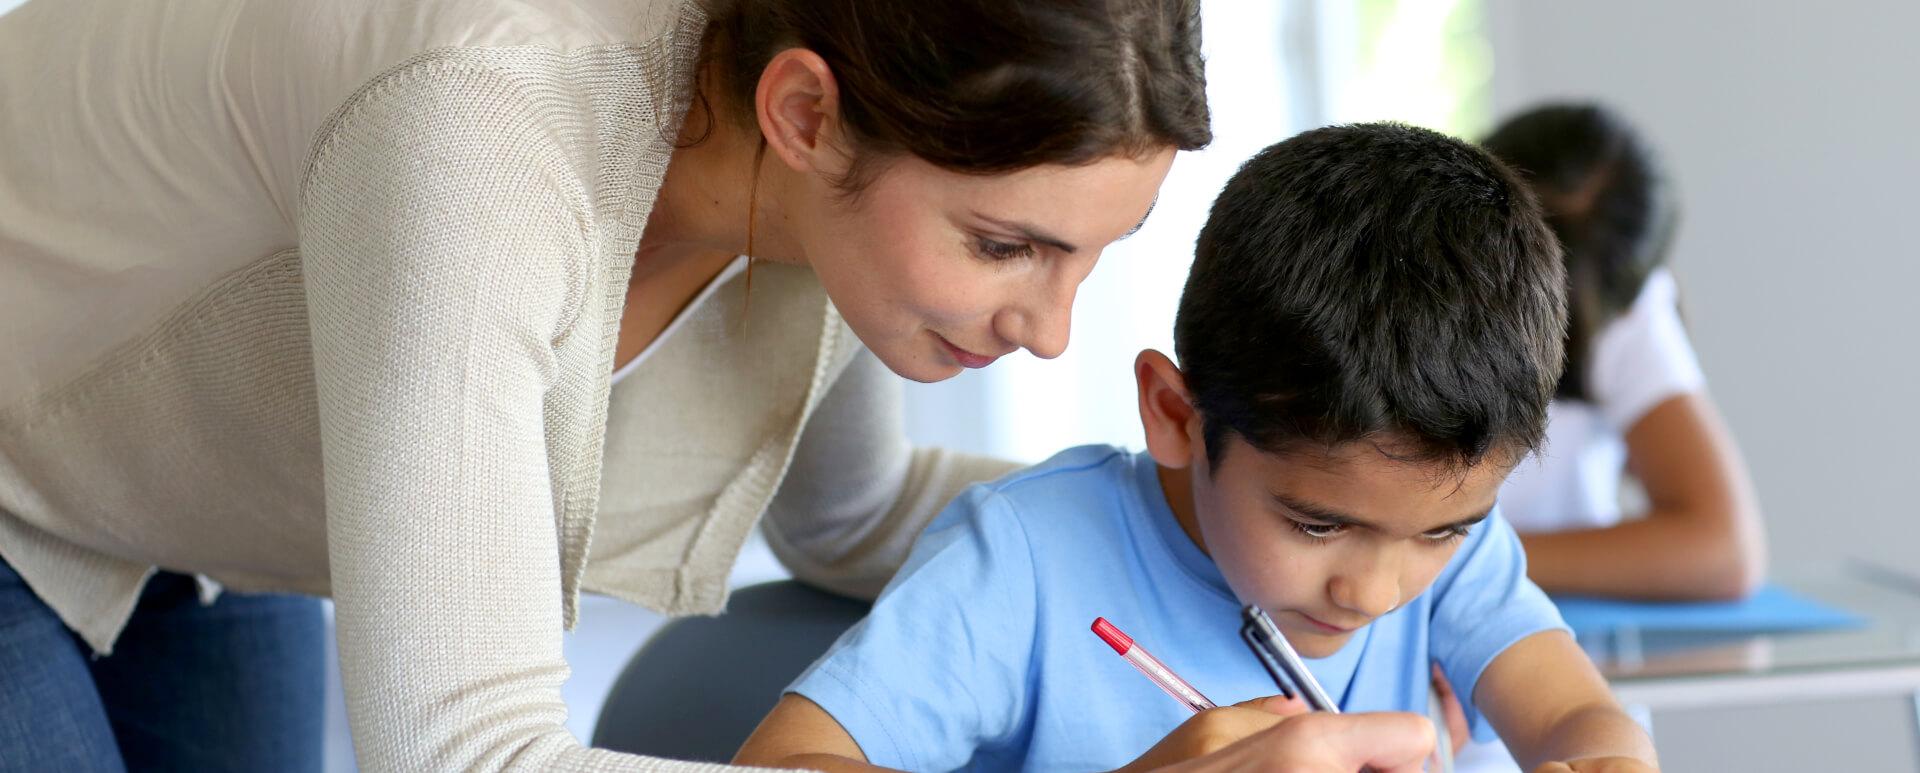 İlköğretim Döneminde Öğrenci Koçluğunun Önemi | Sonsuz Akademi